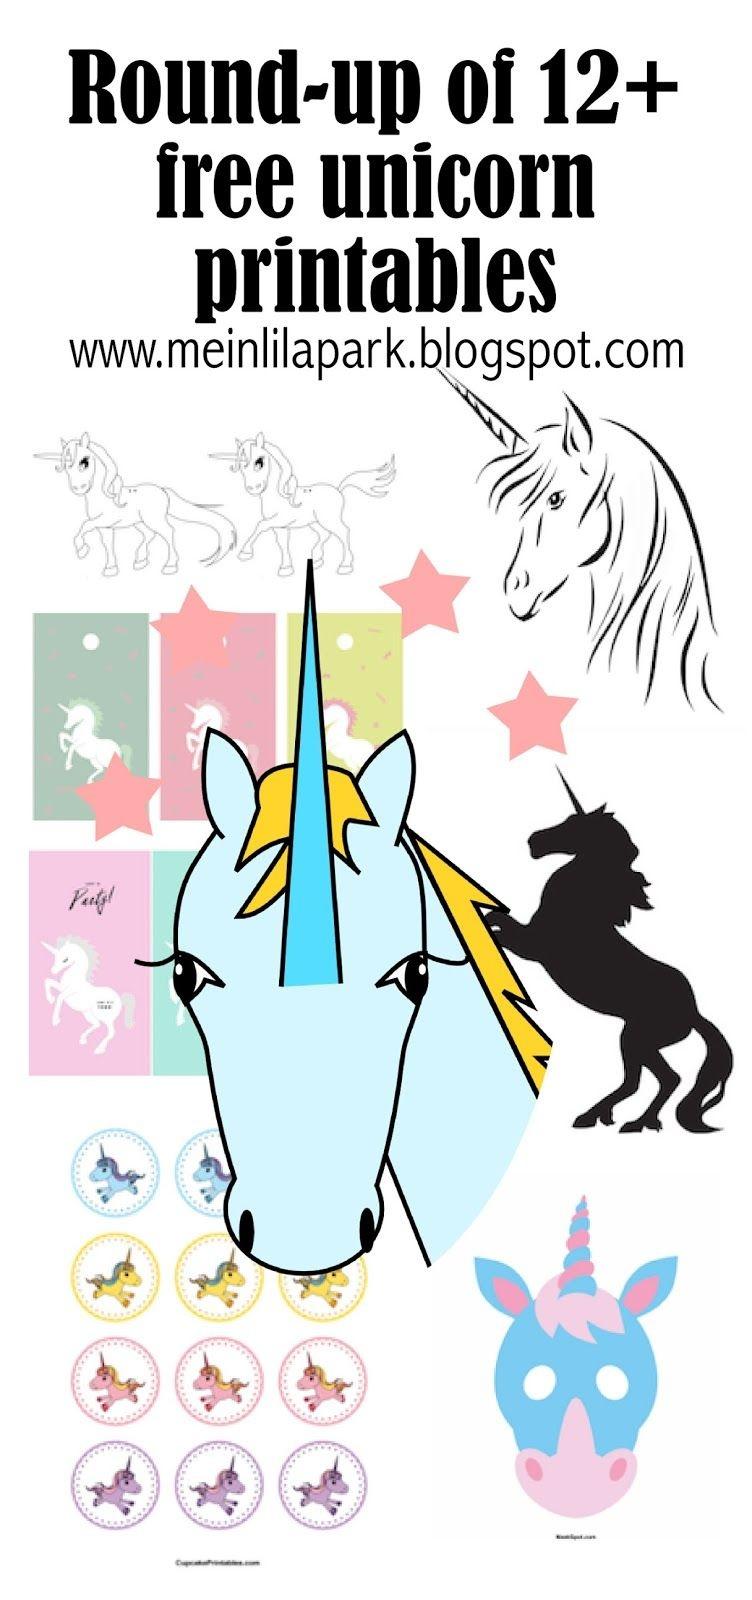 12+ Free Unicorn Printables - Einhorn - Round-Up | Printables - Unicorn Name Free Printable